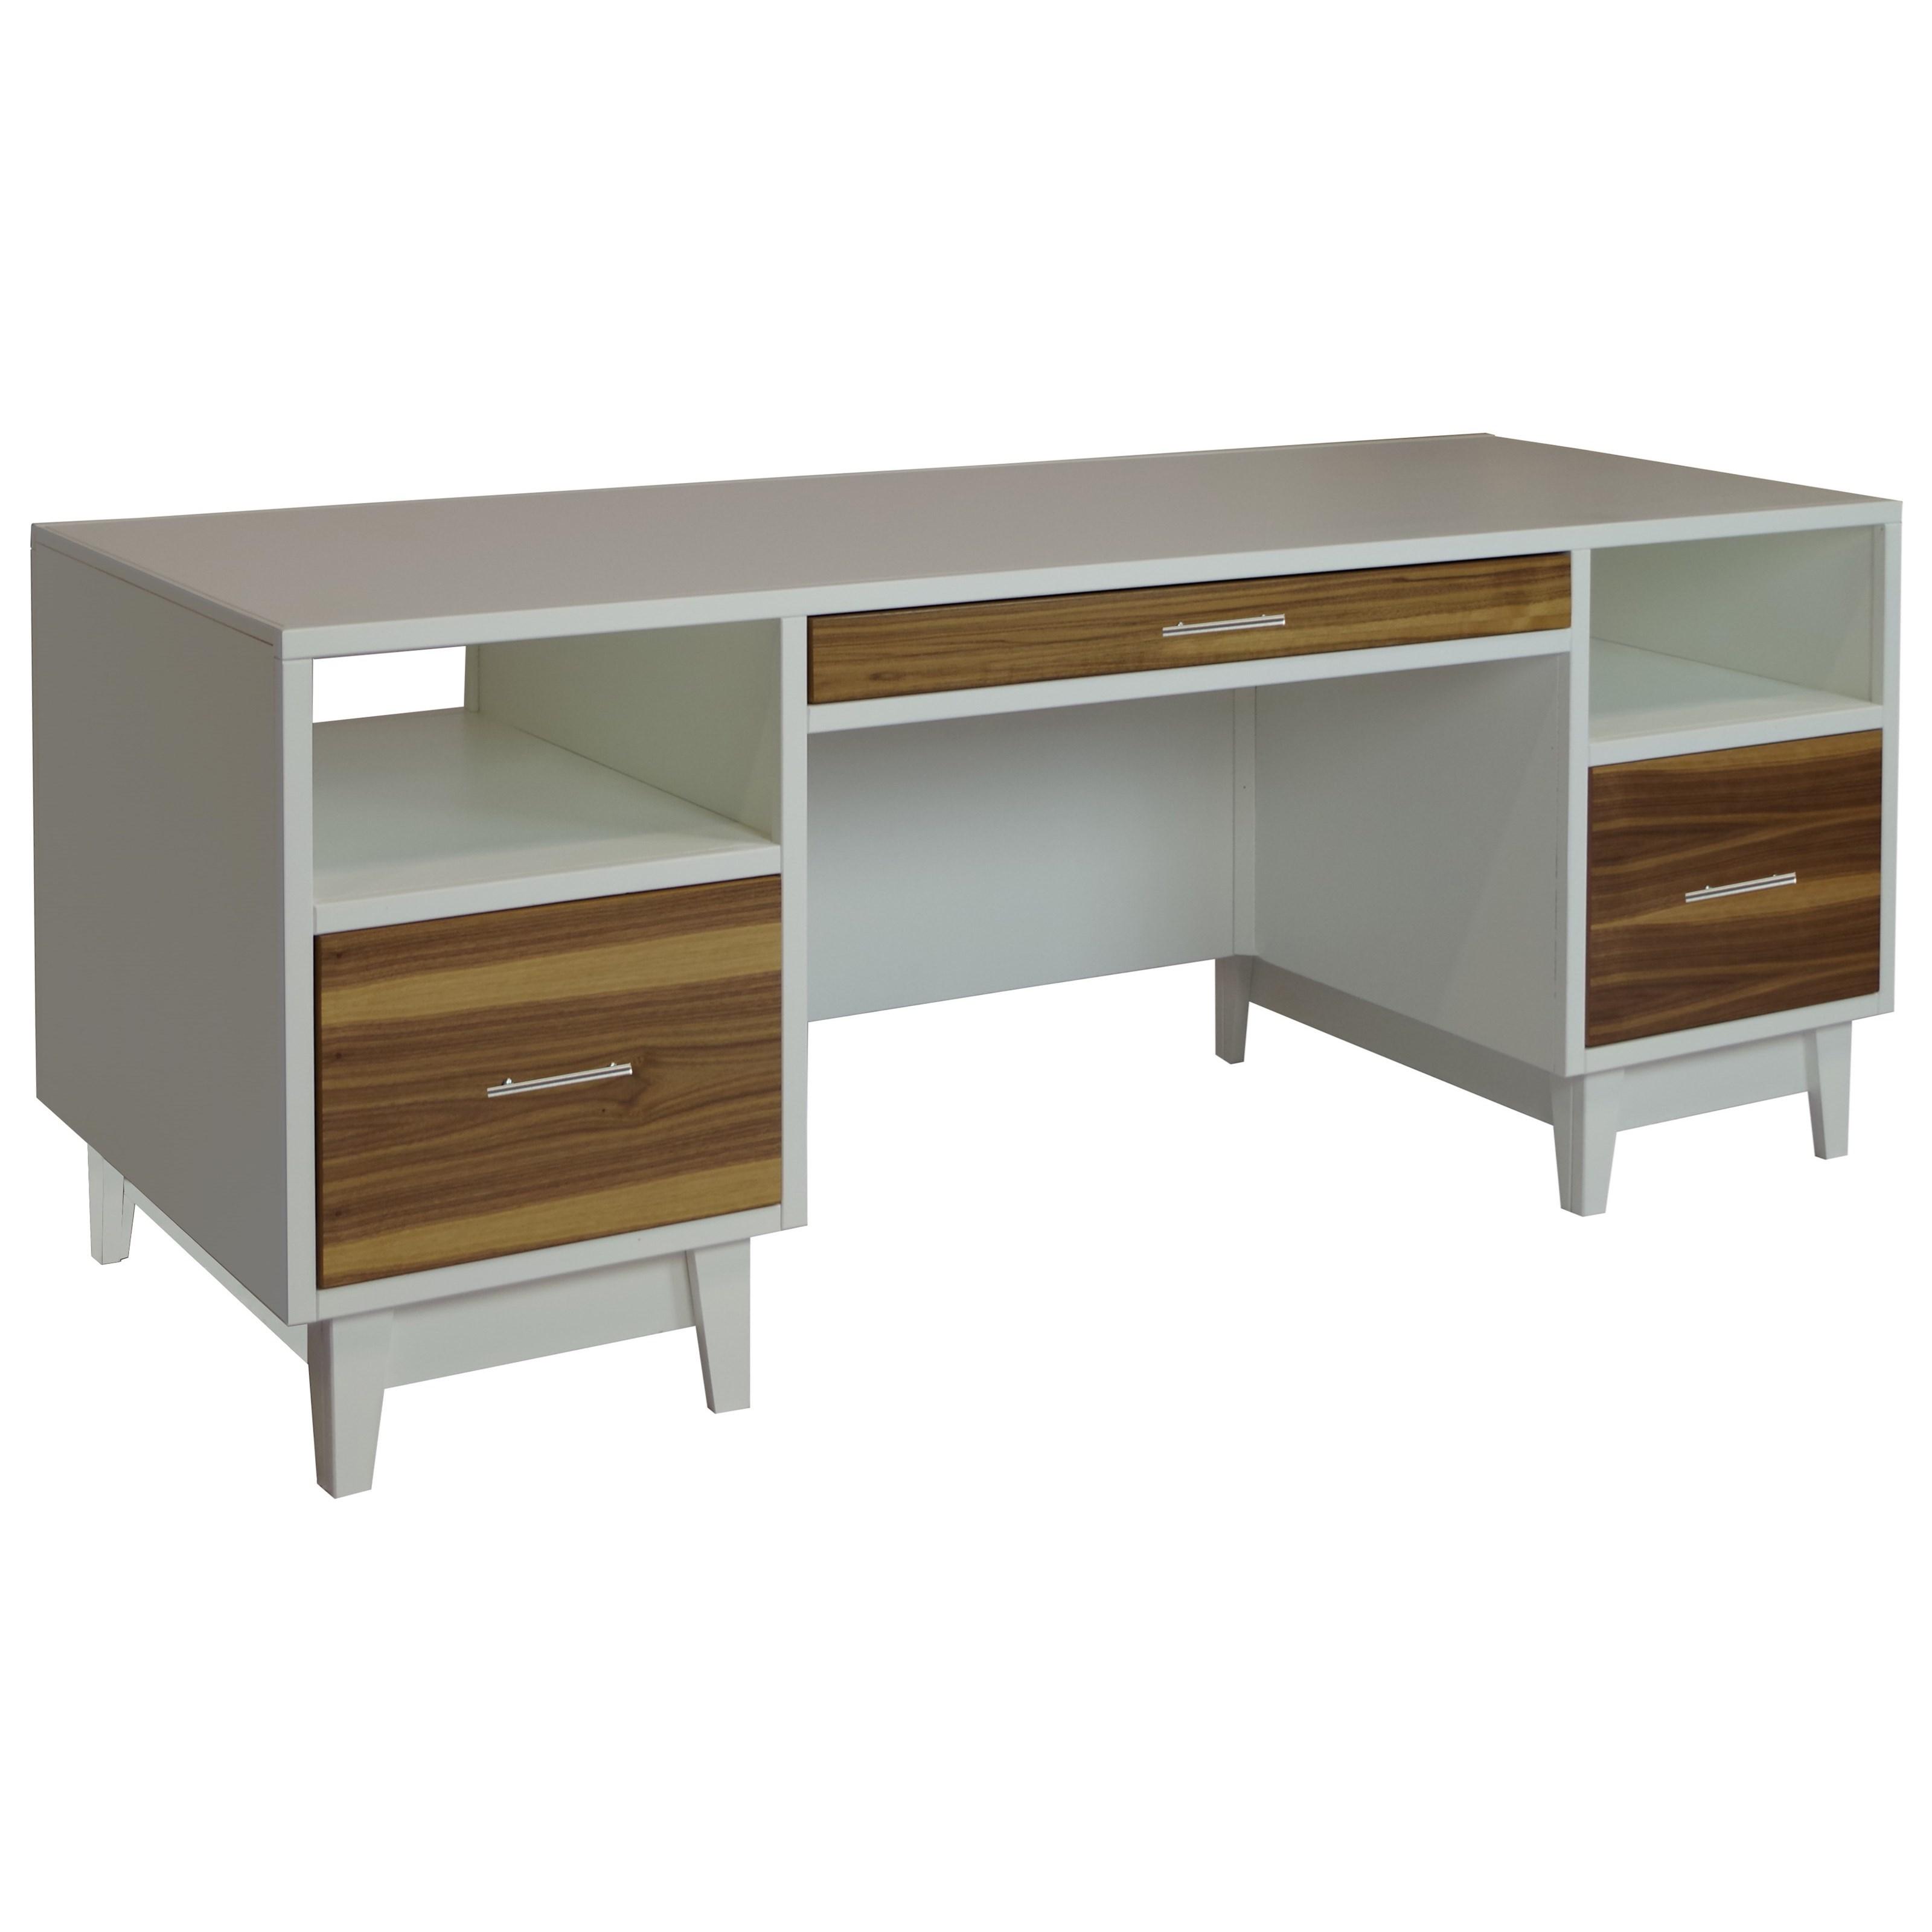 Legends Furniture Draper Draper and Sterling Executive Desk - Dunk u0026 Bright Furniture - Double ...